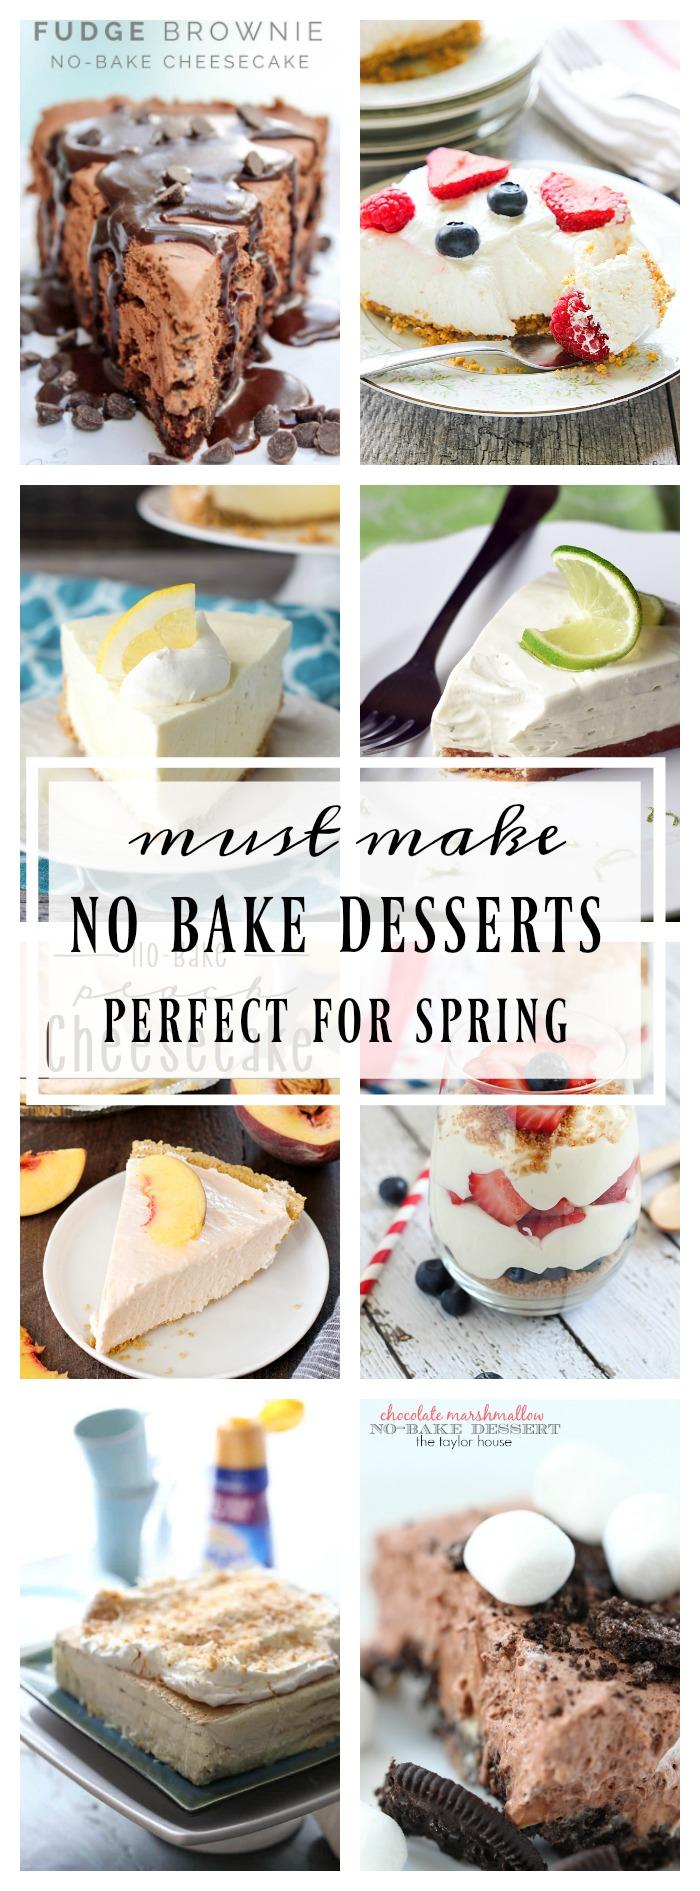 no bake recipes for spring